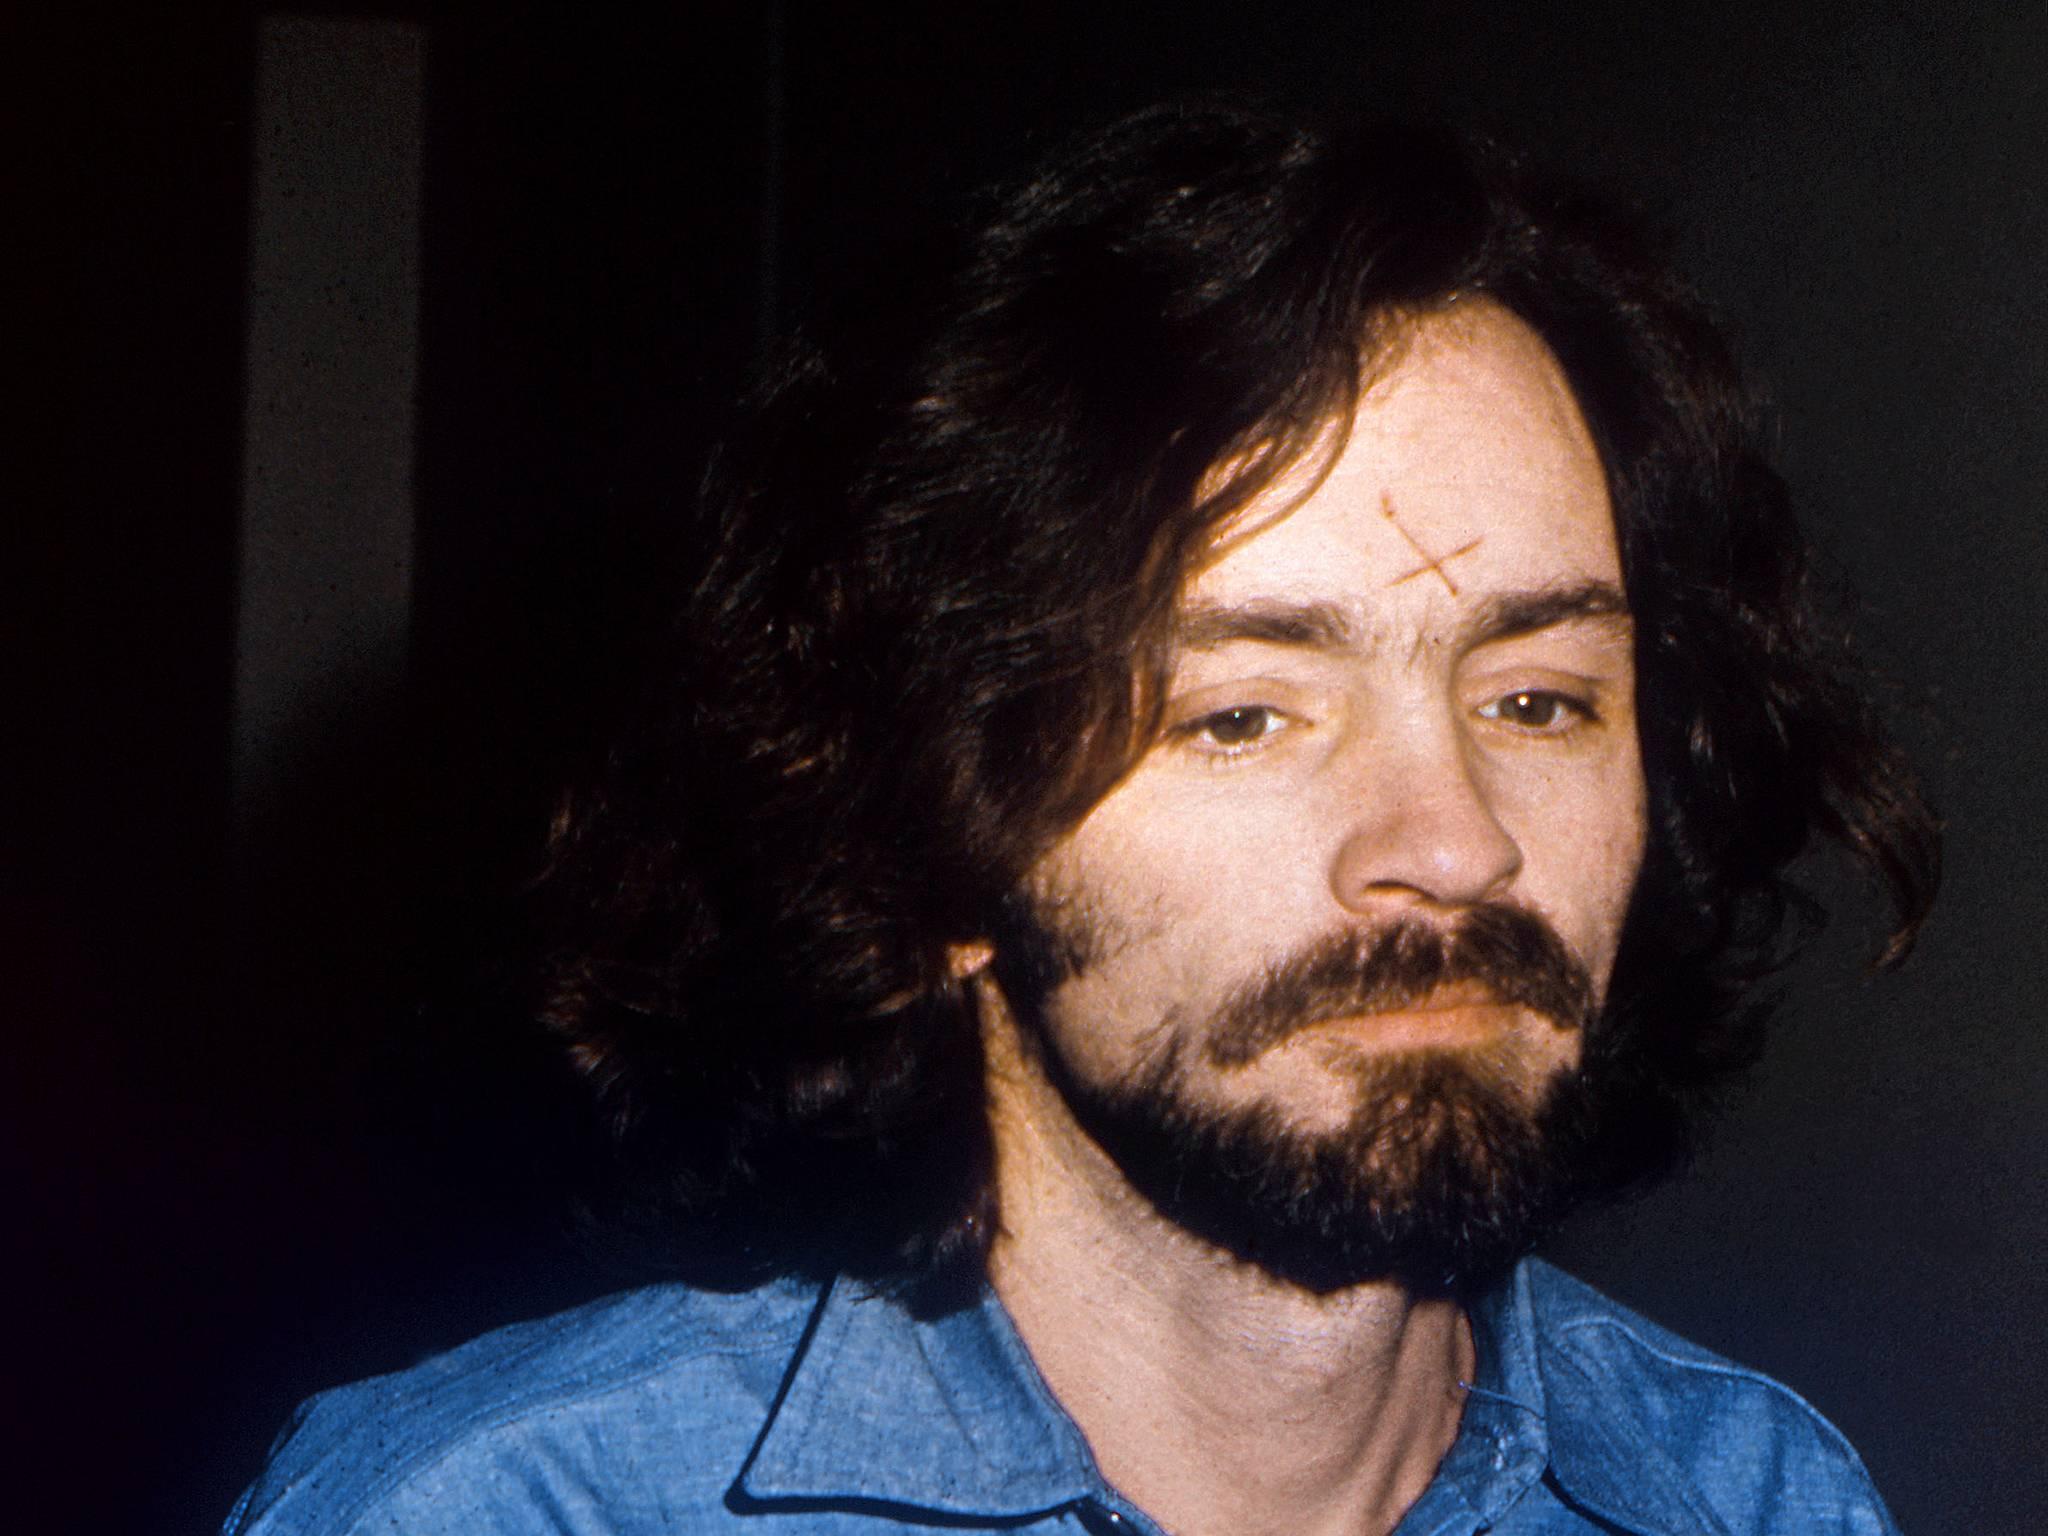 Conheça a história de Charles Manson, o serial killer mais sanguinário já conhecido